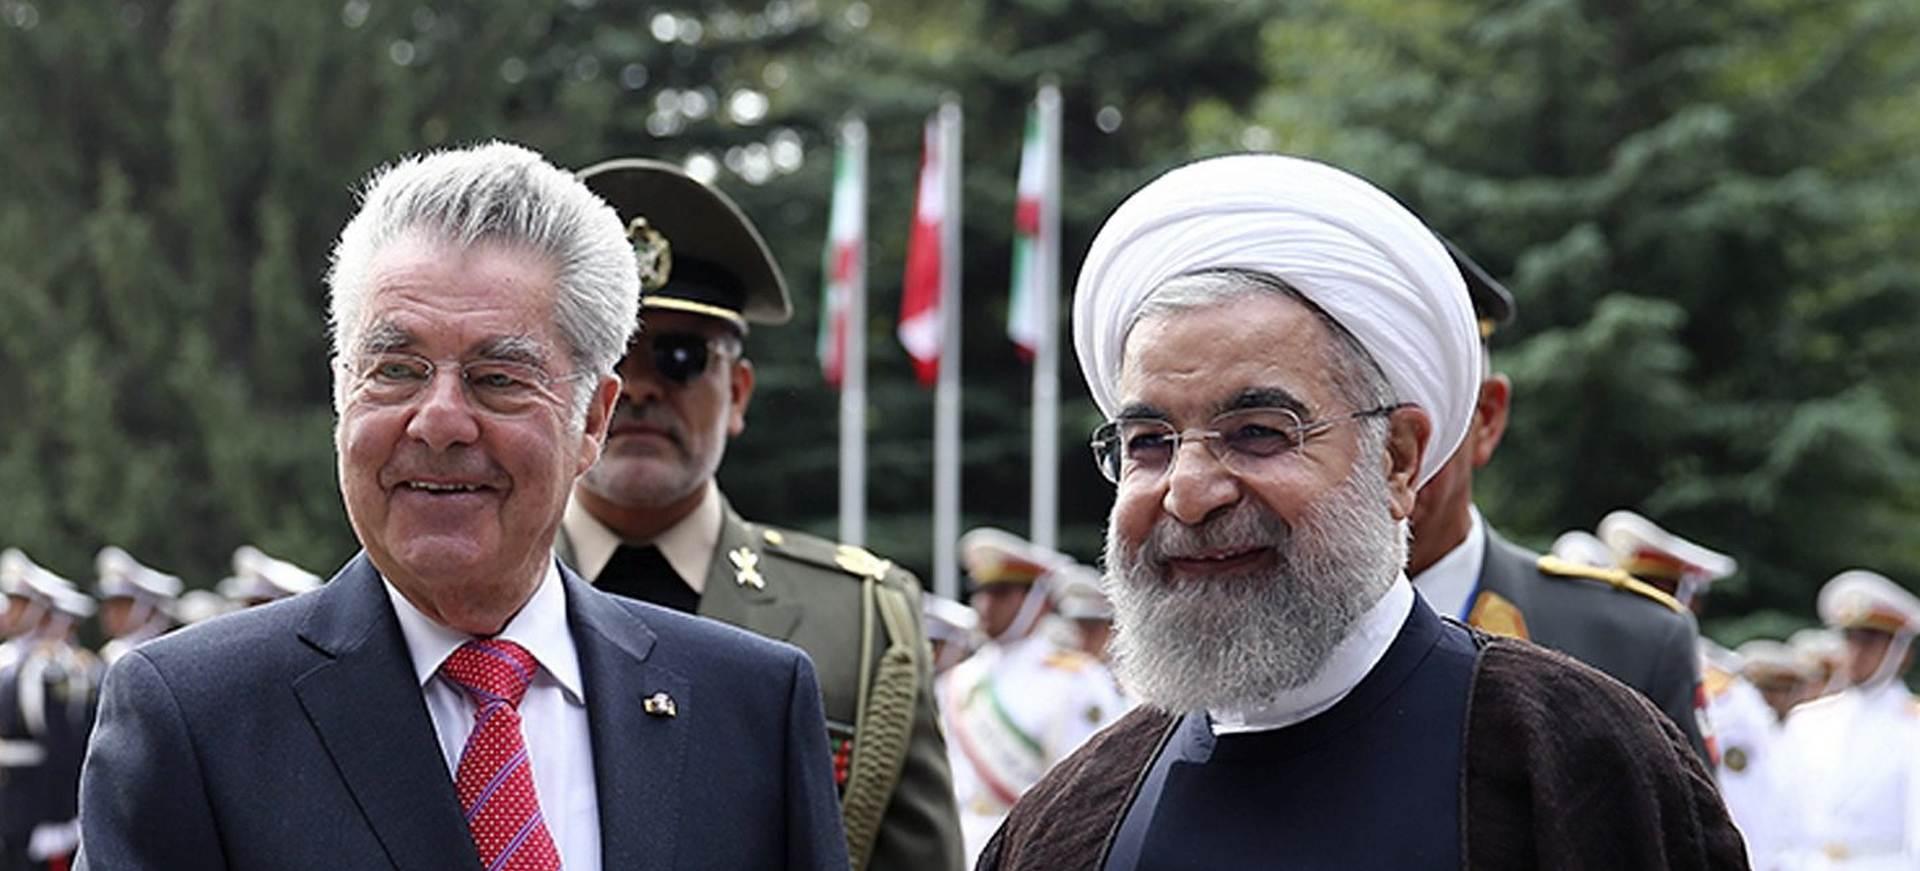 Rohani: Prioritet u Siriji nije demokracija nego prekid krvoprolića